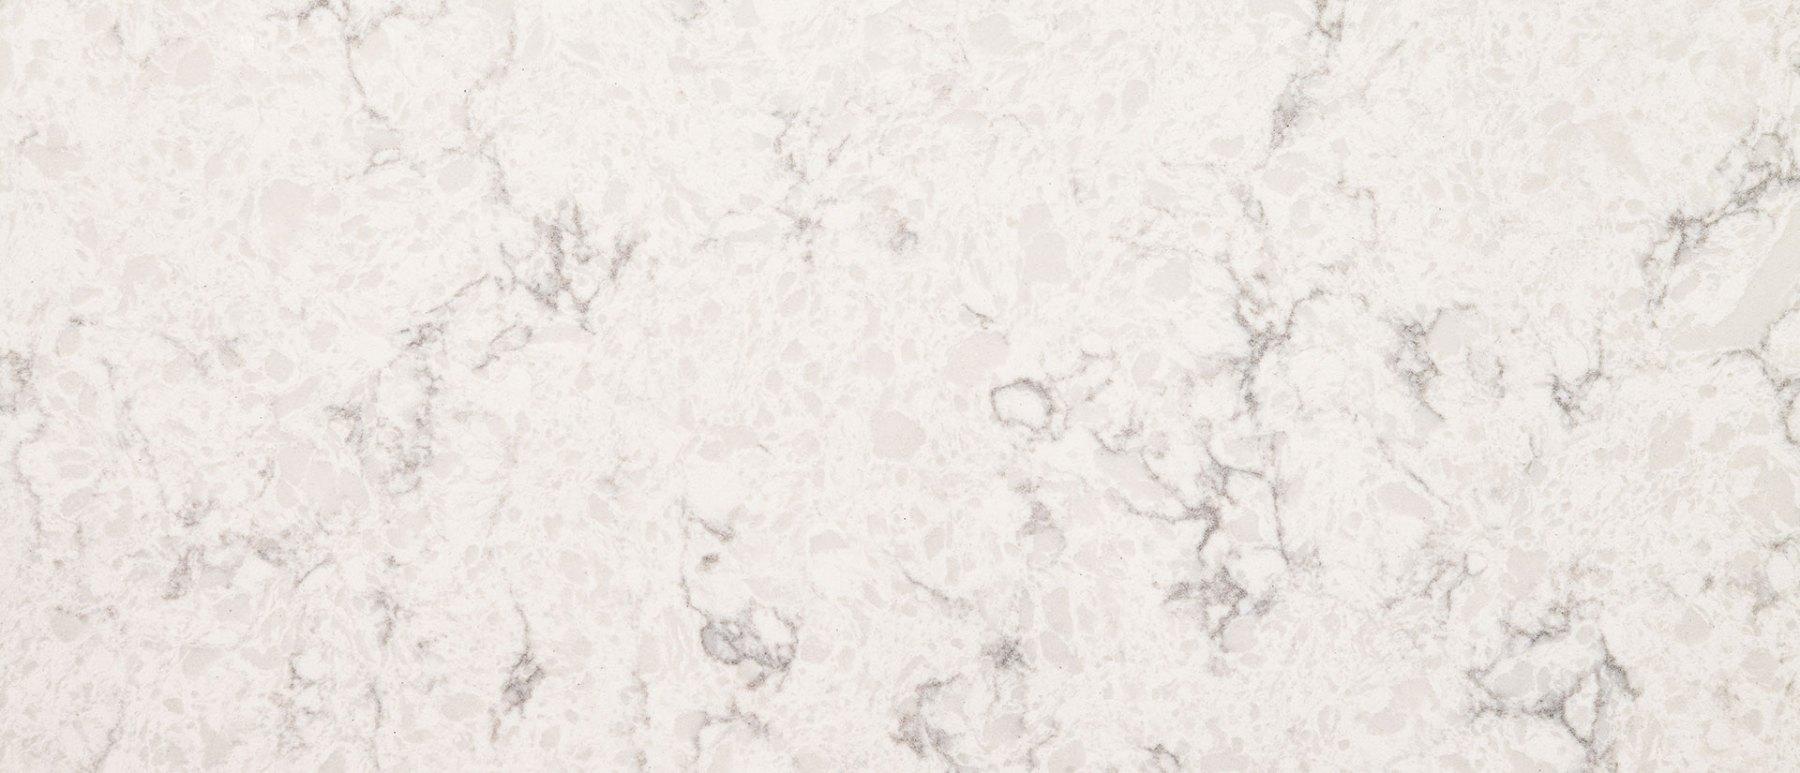 mara-blanca-quartz-1